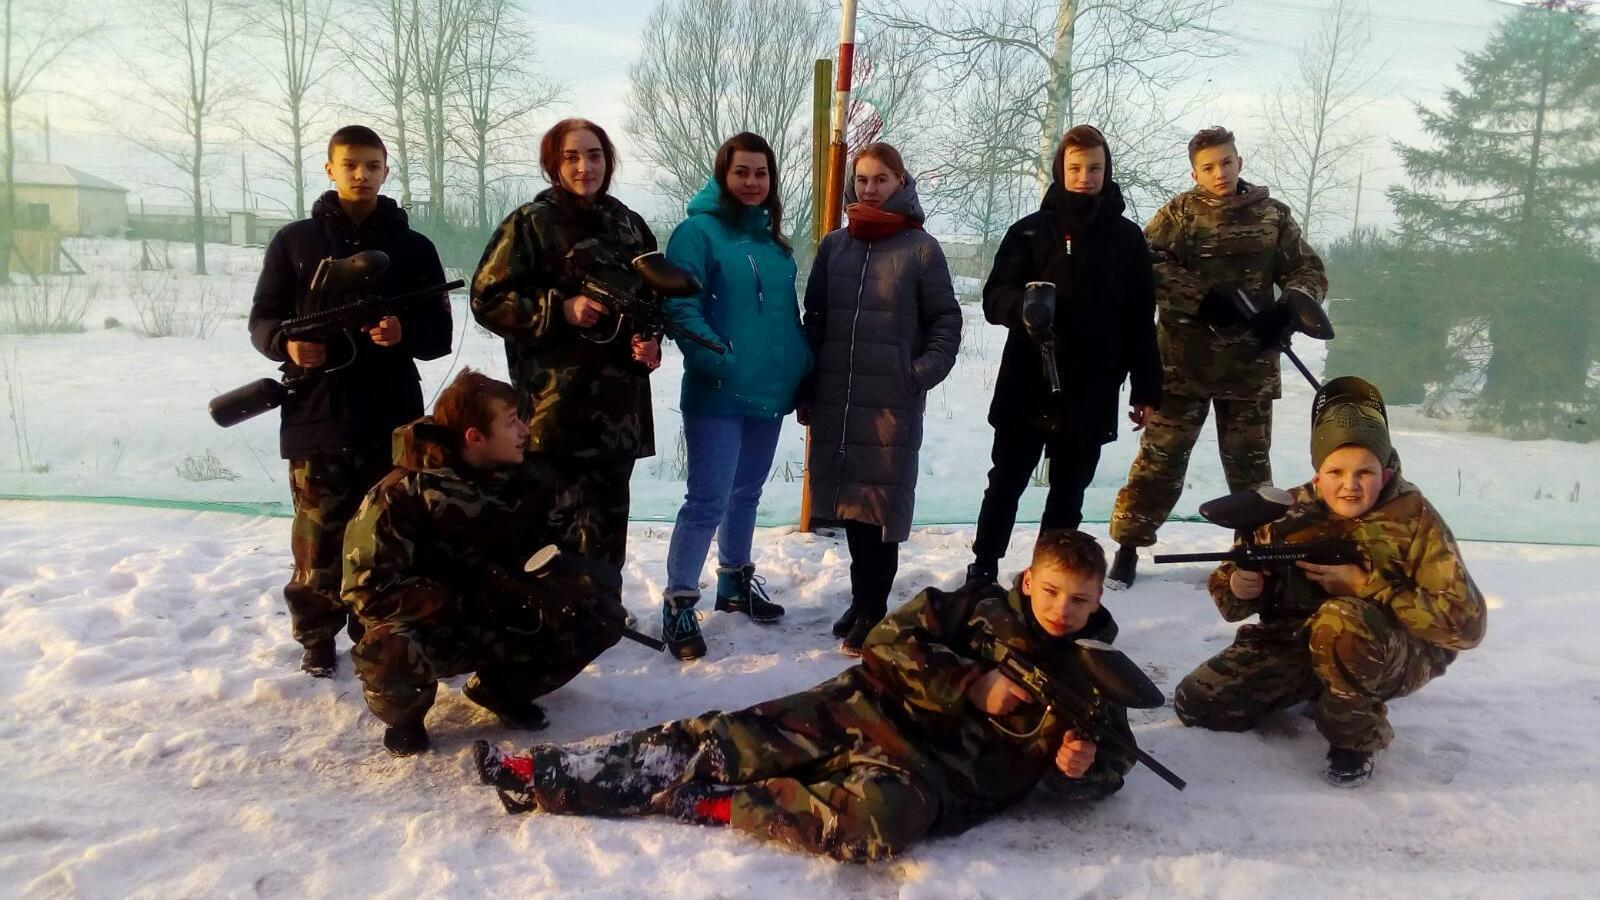 Трудные подростки Вологды сразились в пейнтбол